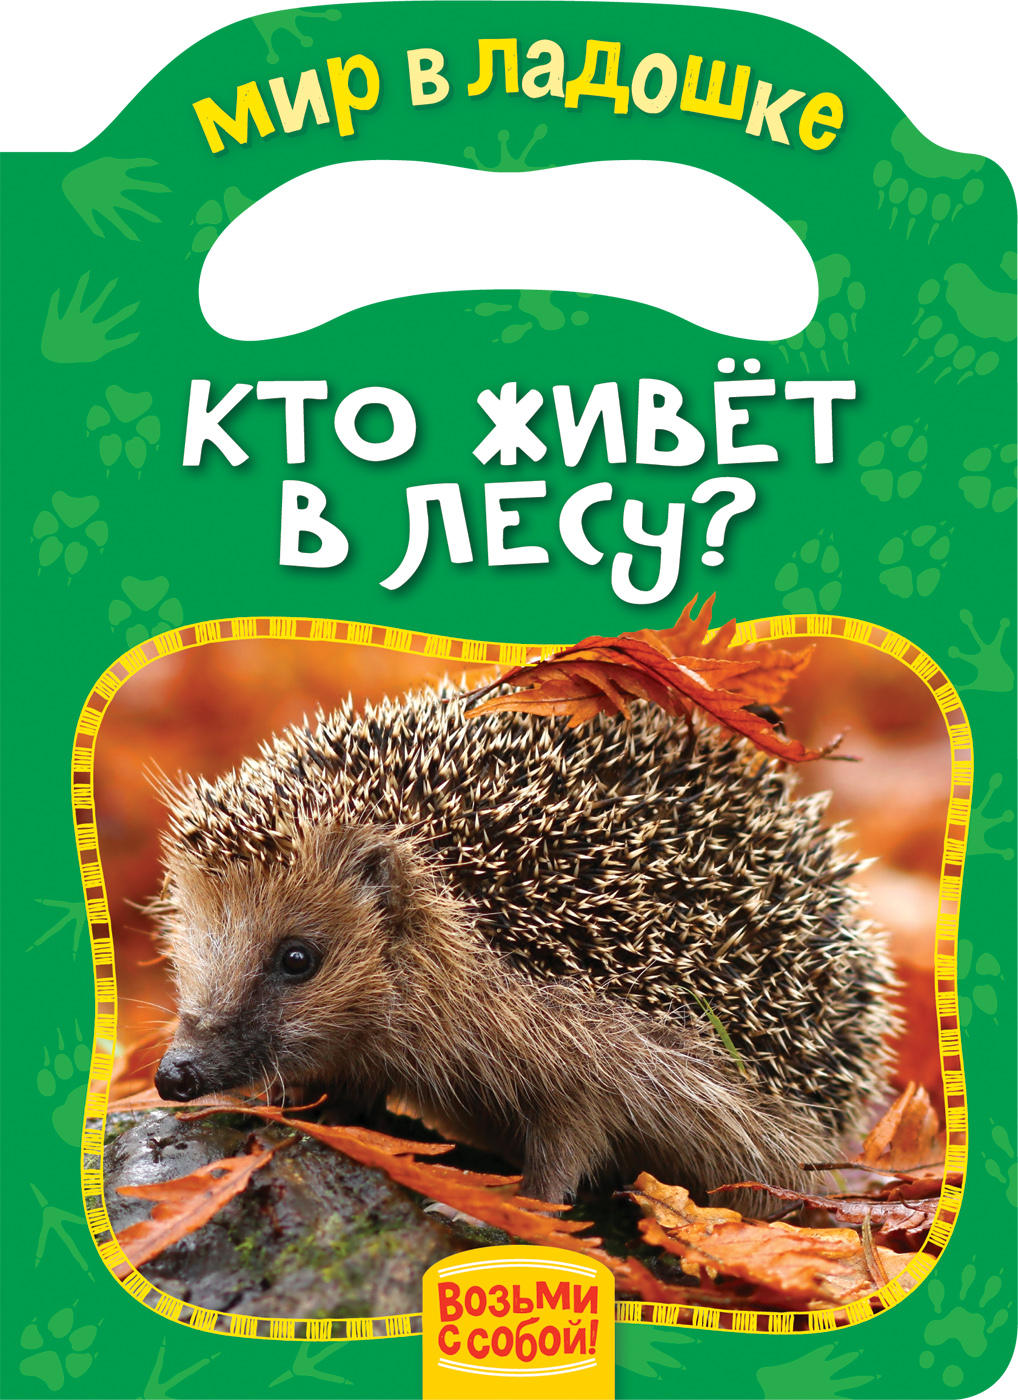 Мазанова Е. К. Кто живет в лесу? (МвЛ)